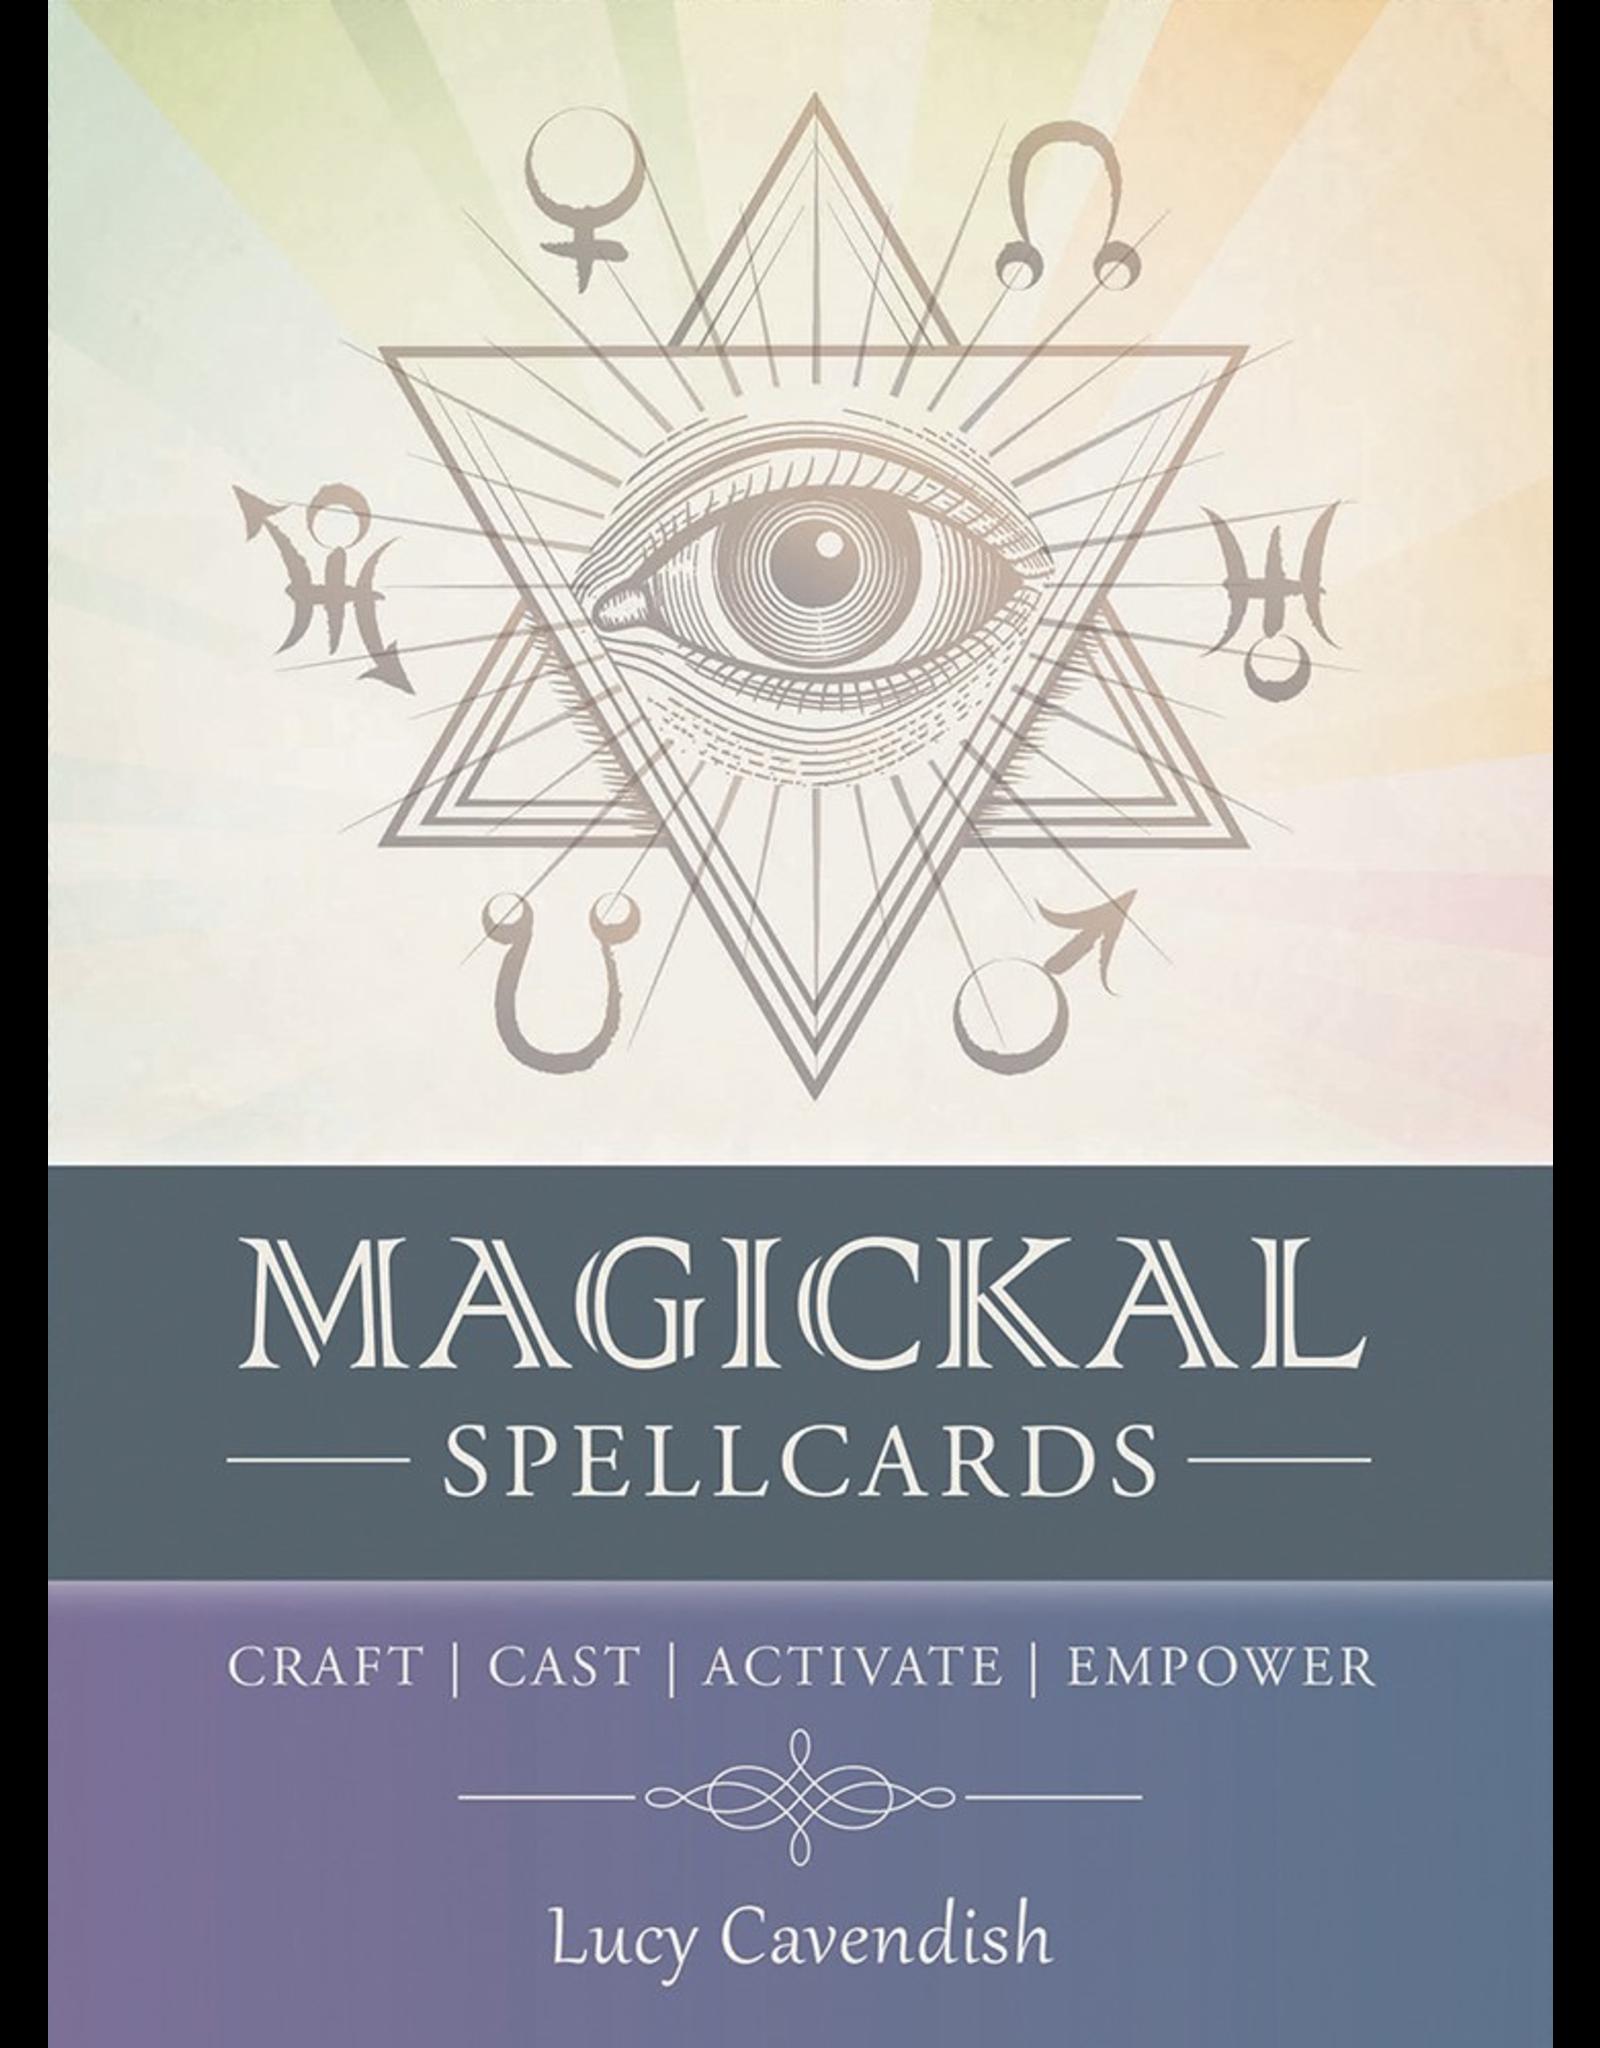 US Games Magickal Spellcards